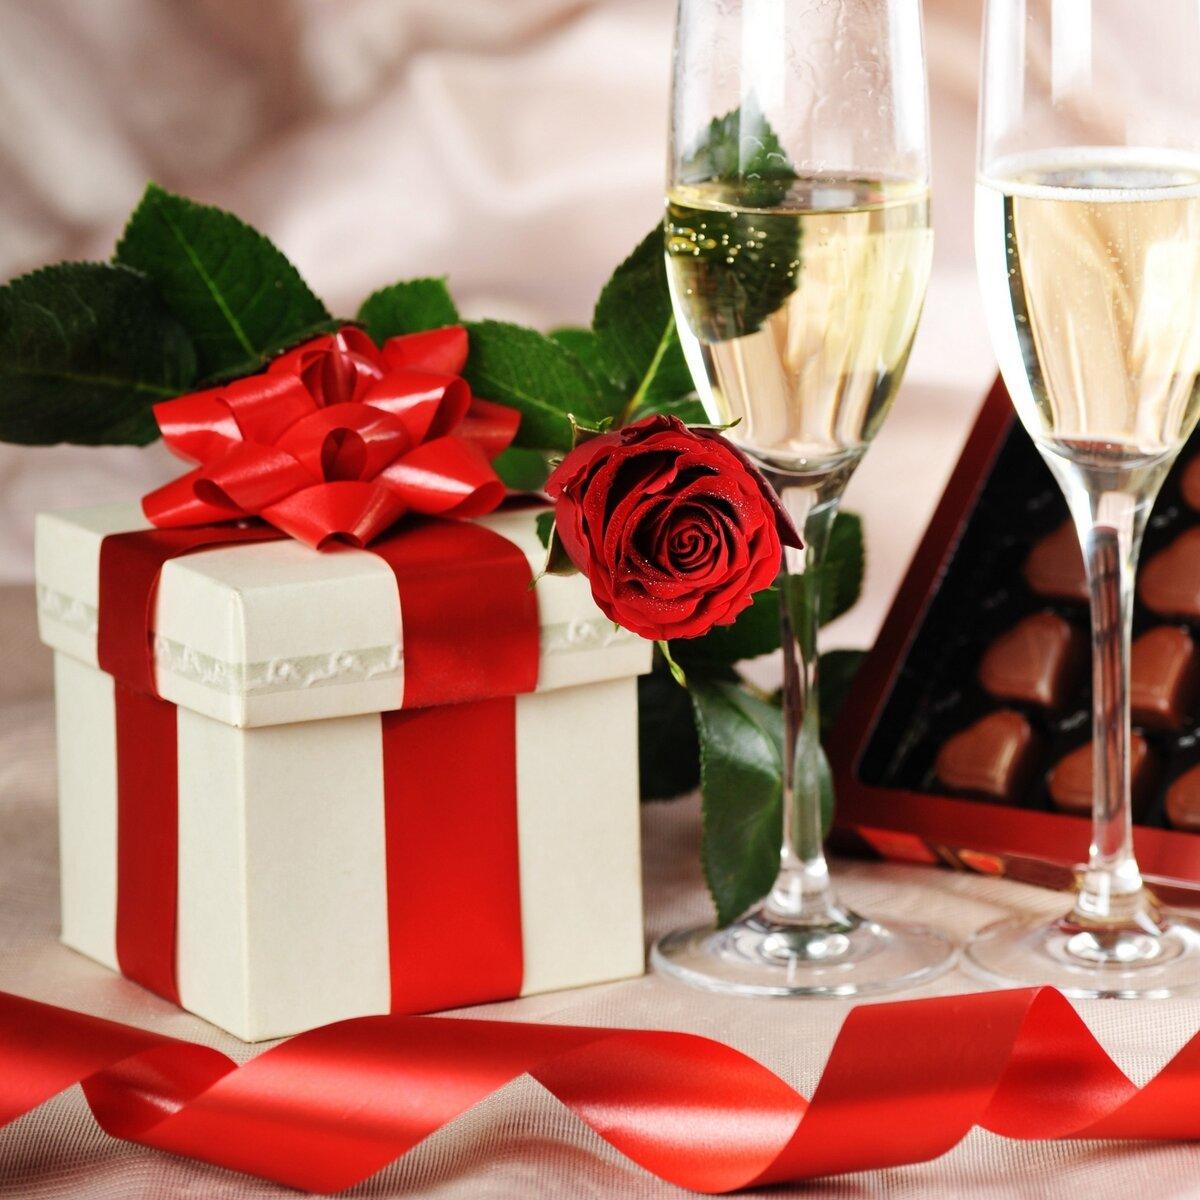 вниз картинки цветы подарки торт днём рождения